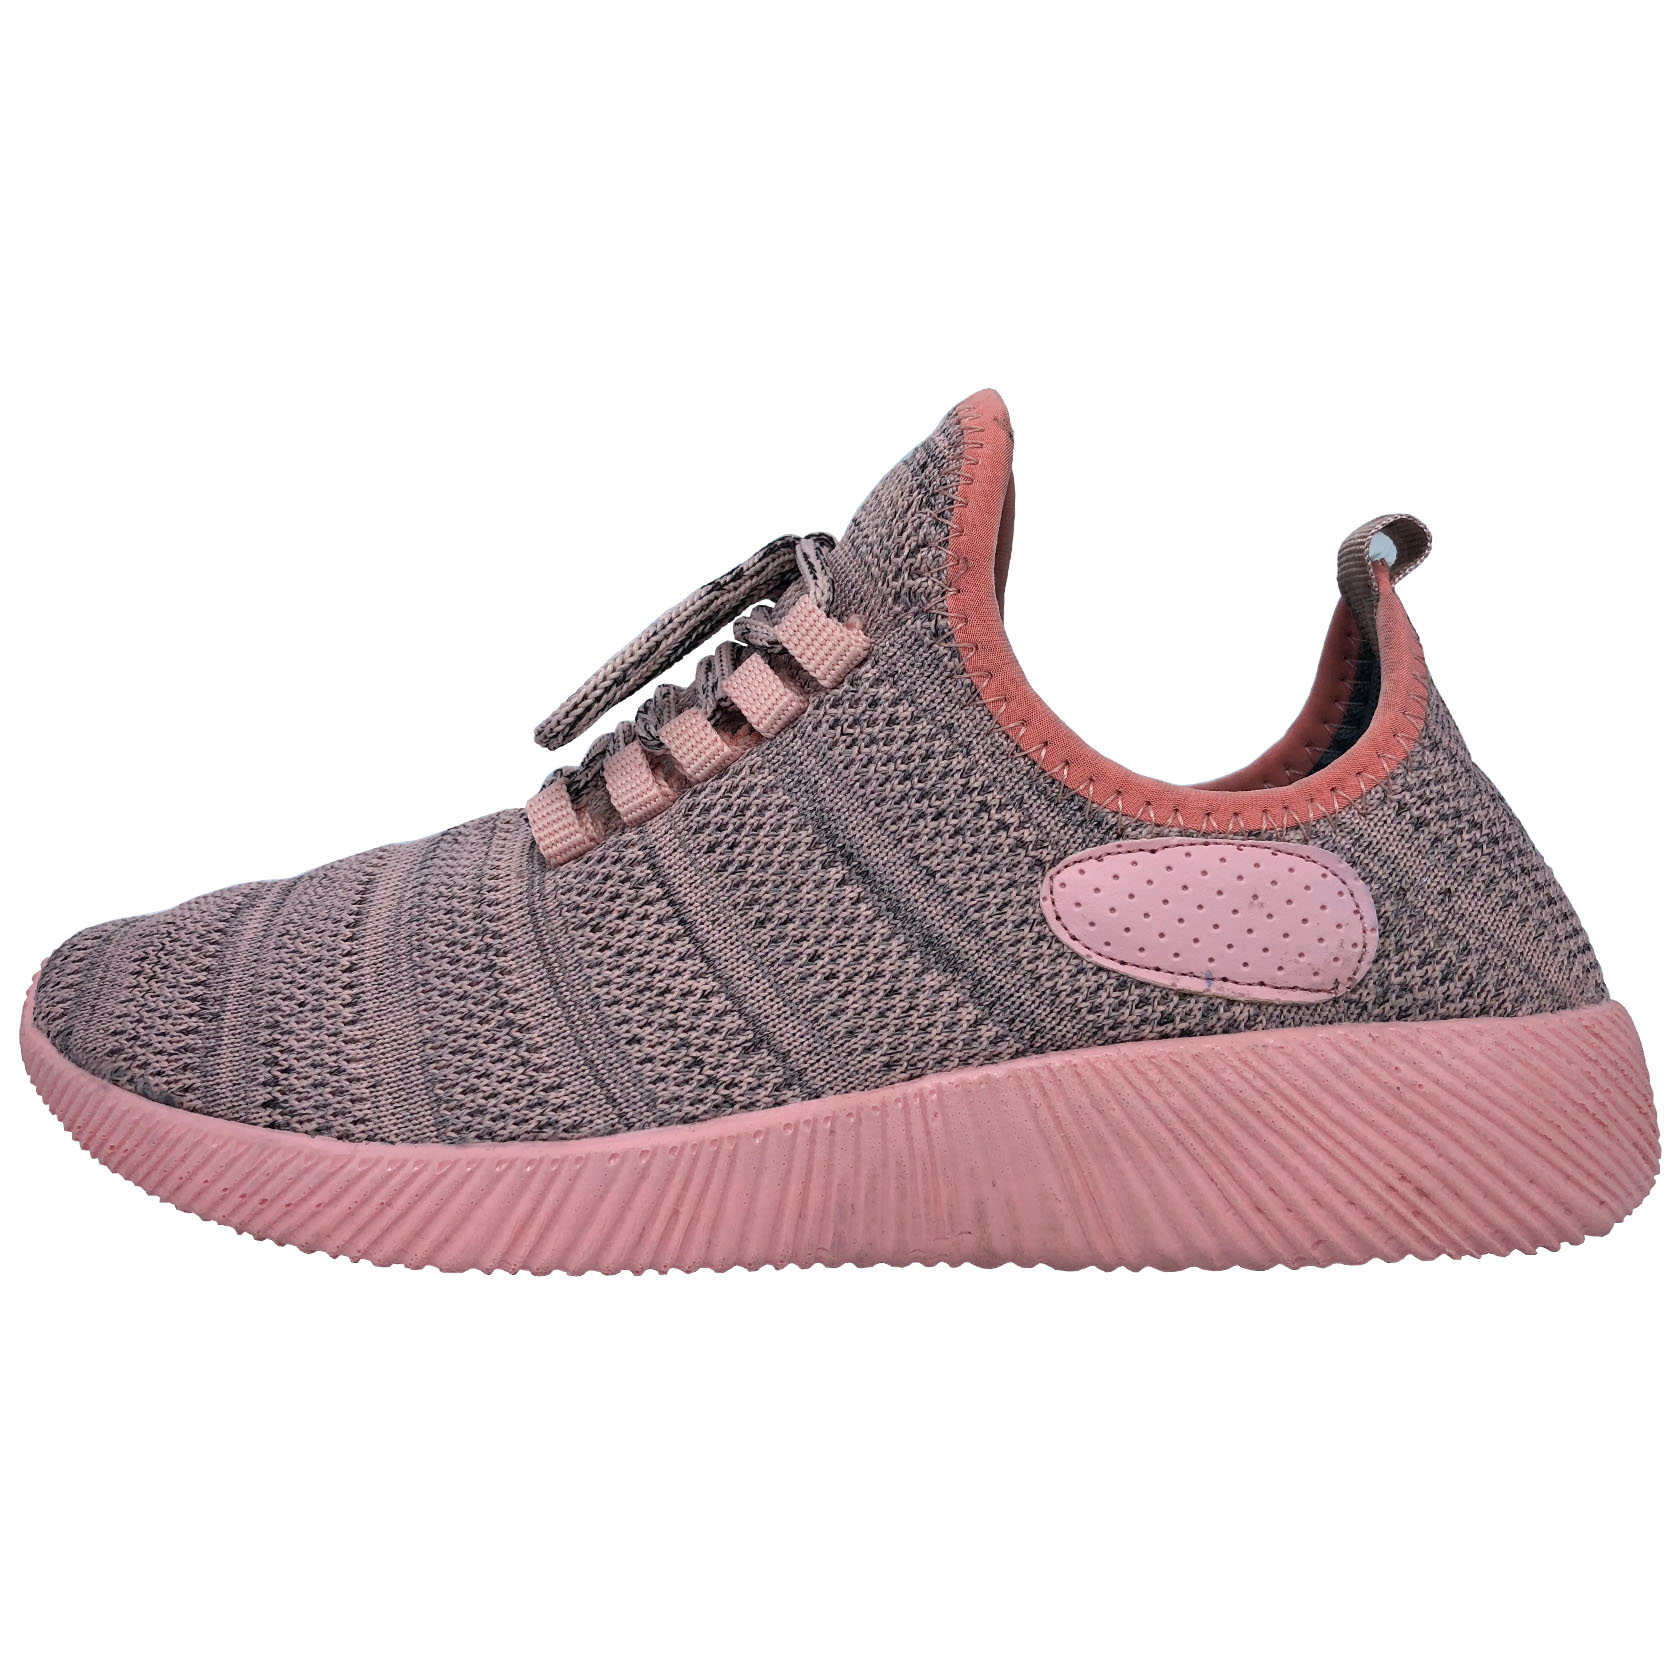 کفش مخصوص پیاده روی زنانهکفش سعیدی کد 10000              خرید